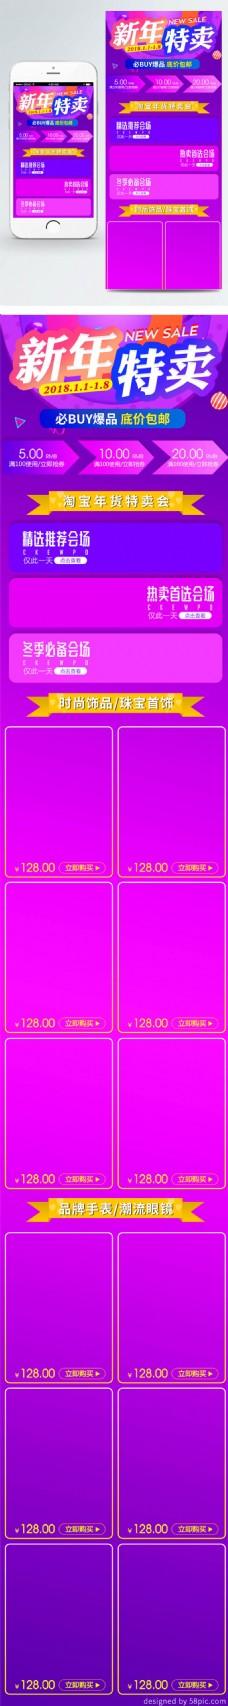 电商淘宝新年特卖活动紫色简约渐变首页模板